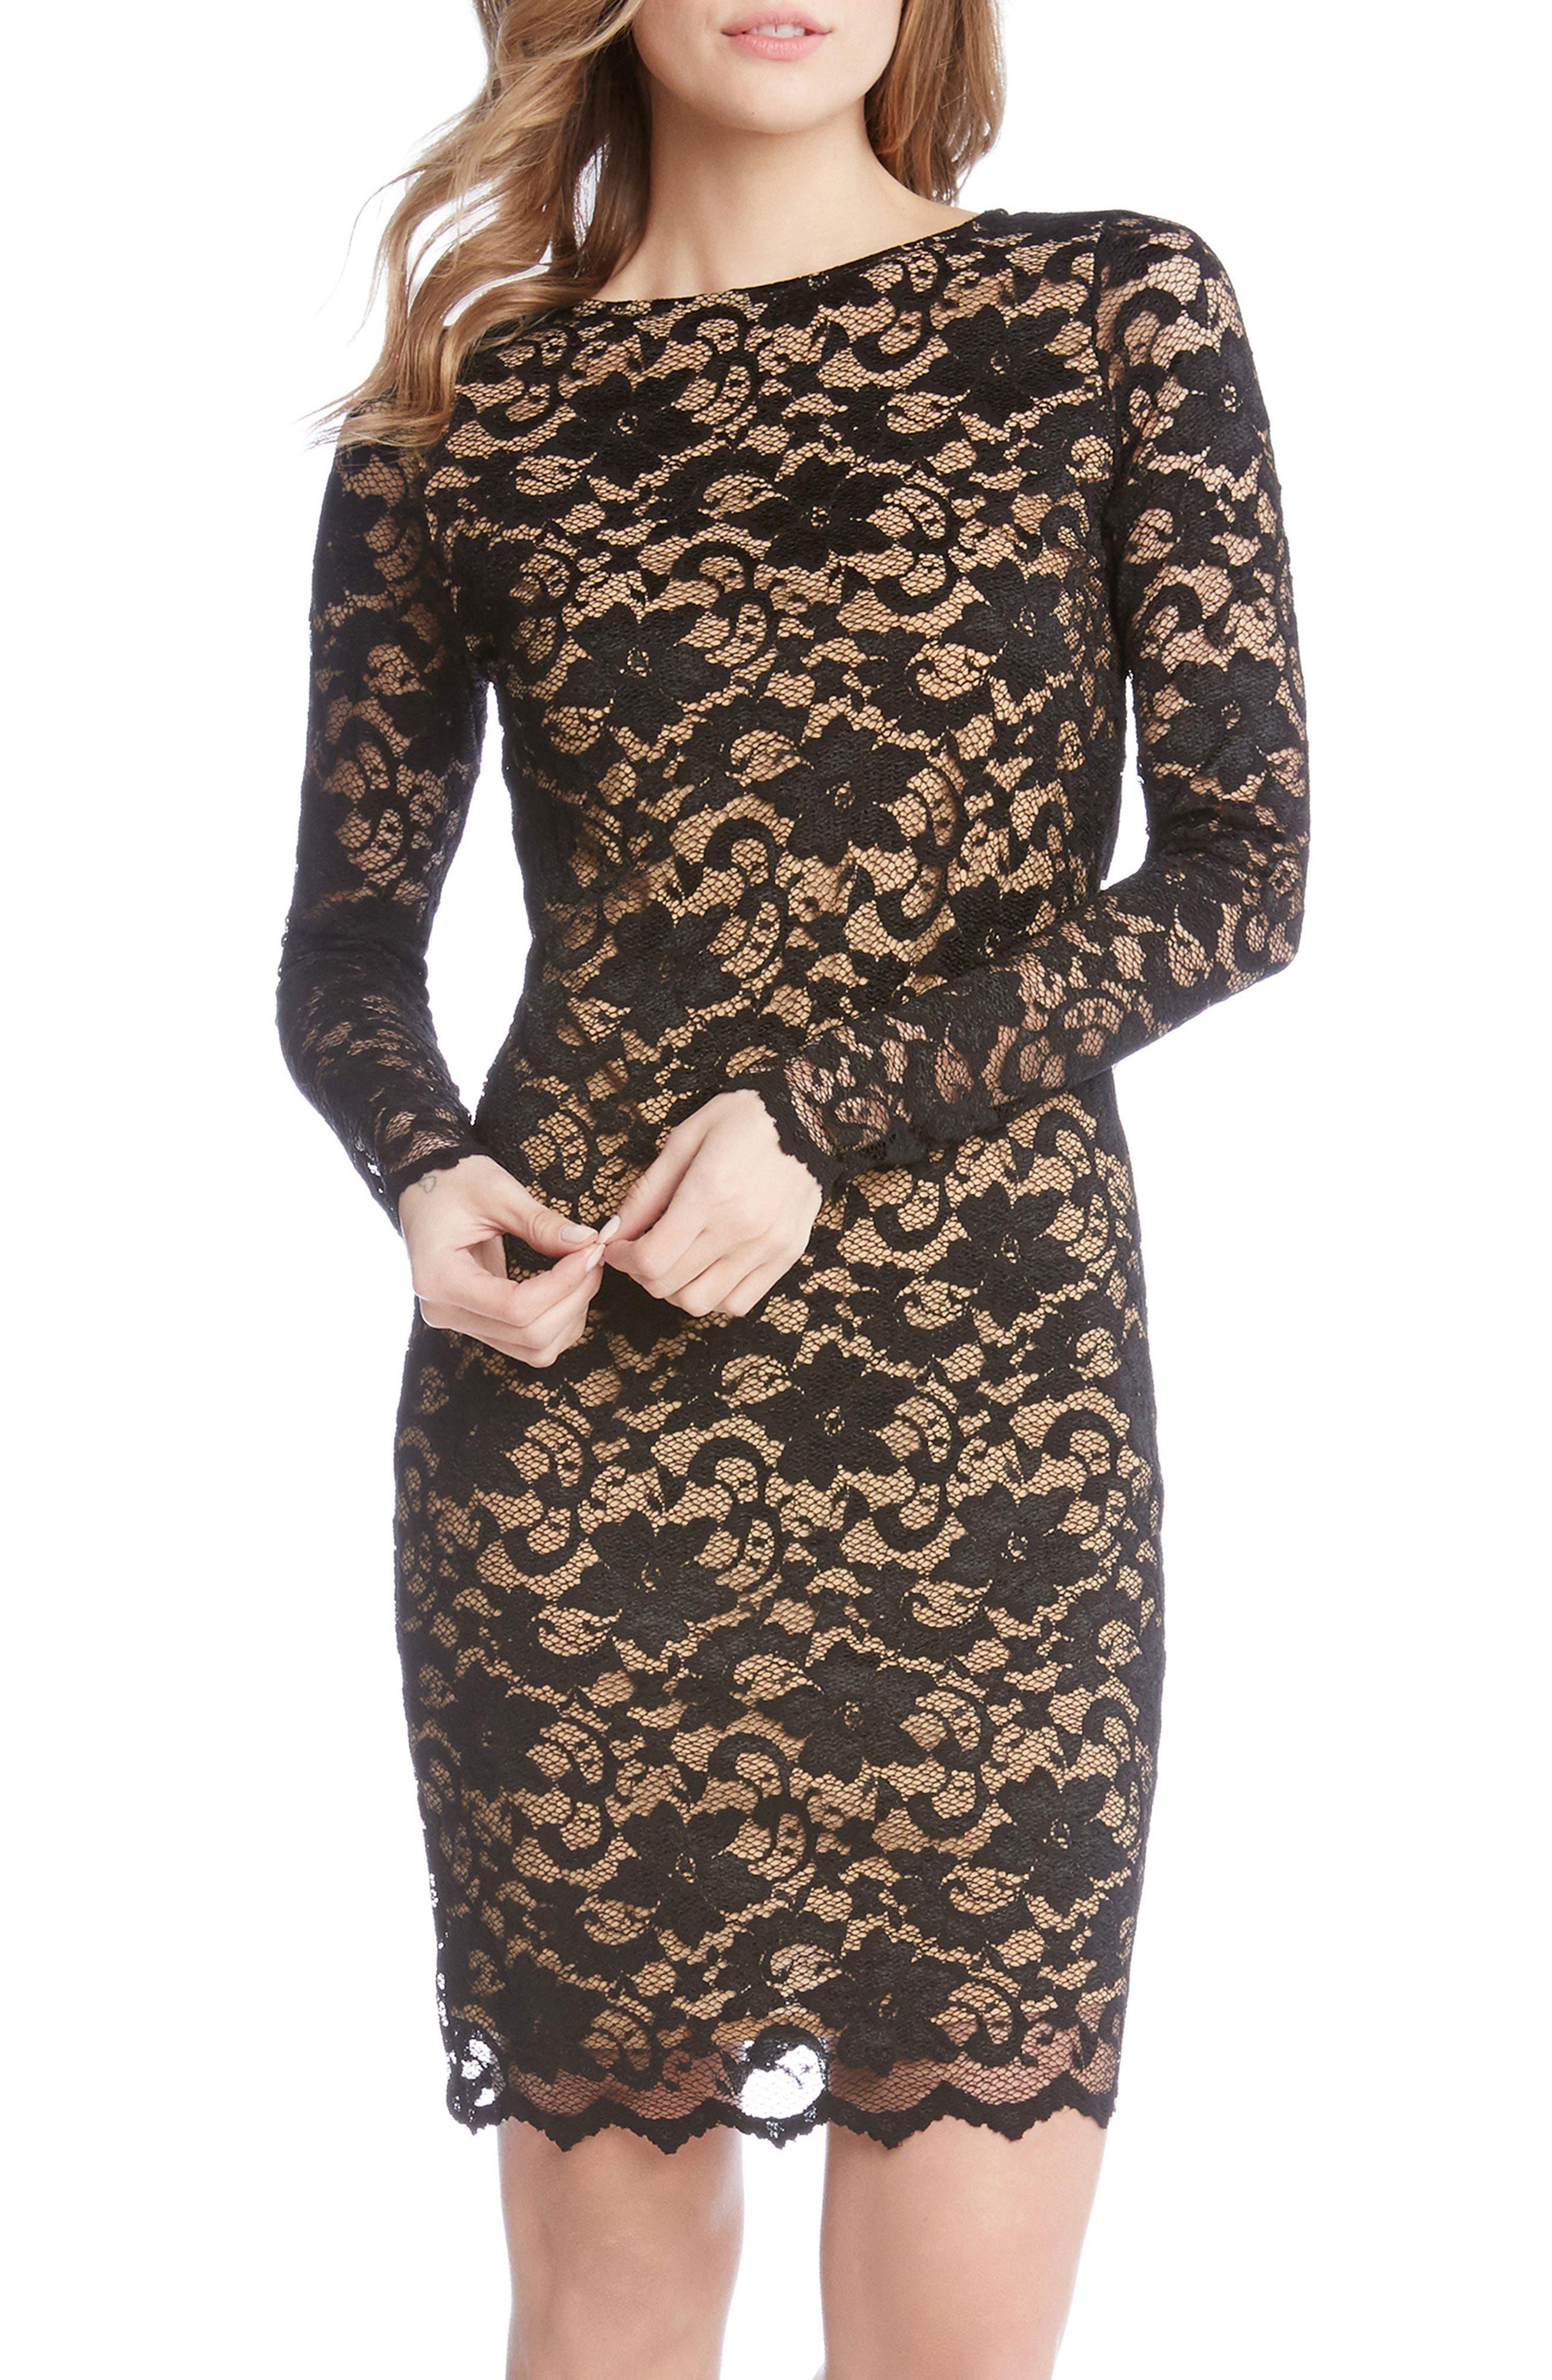 Alternate Image 1 Selected - Karen Kane Lace Sheath Dress